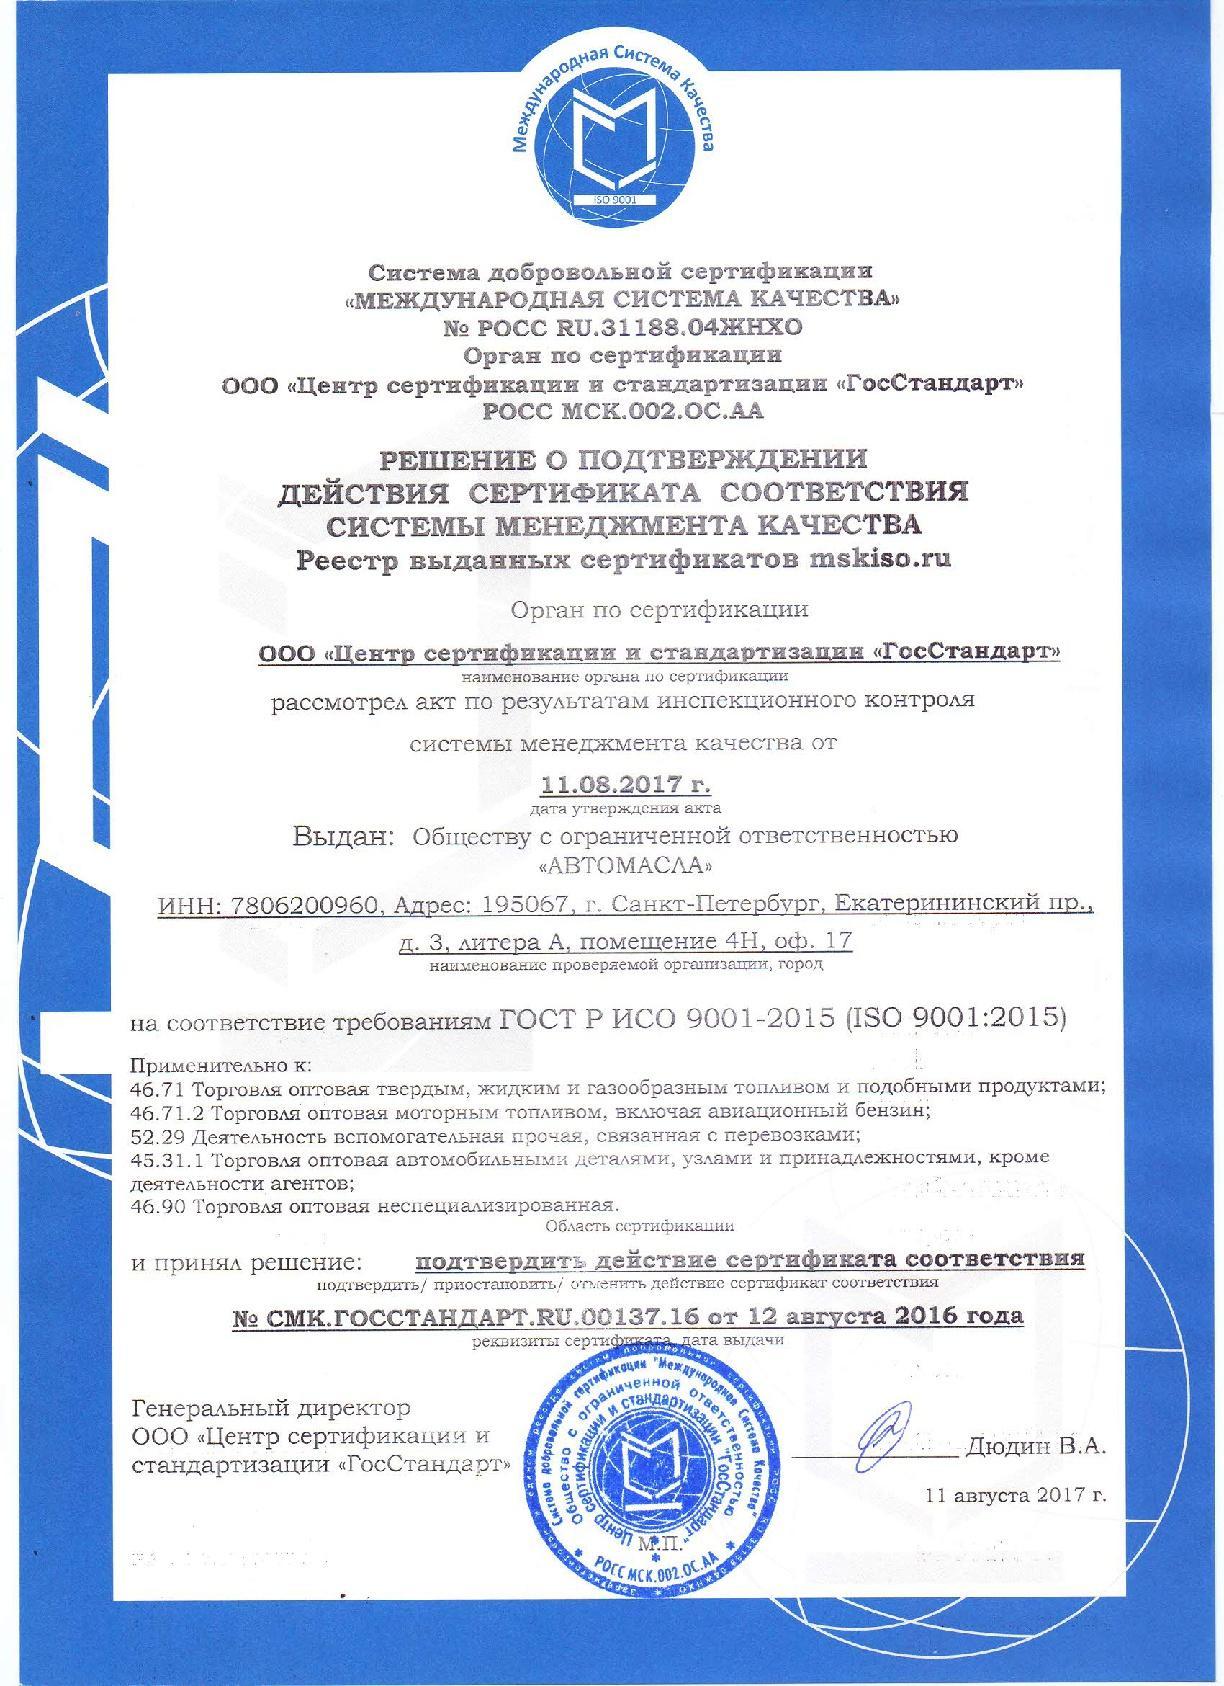 Сертификат-Подтверждение-001